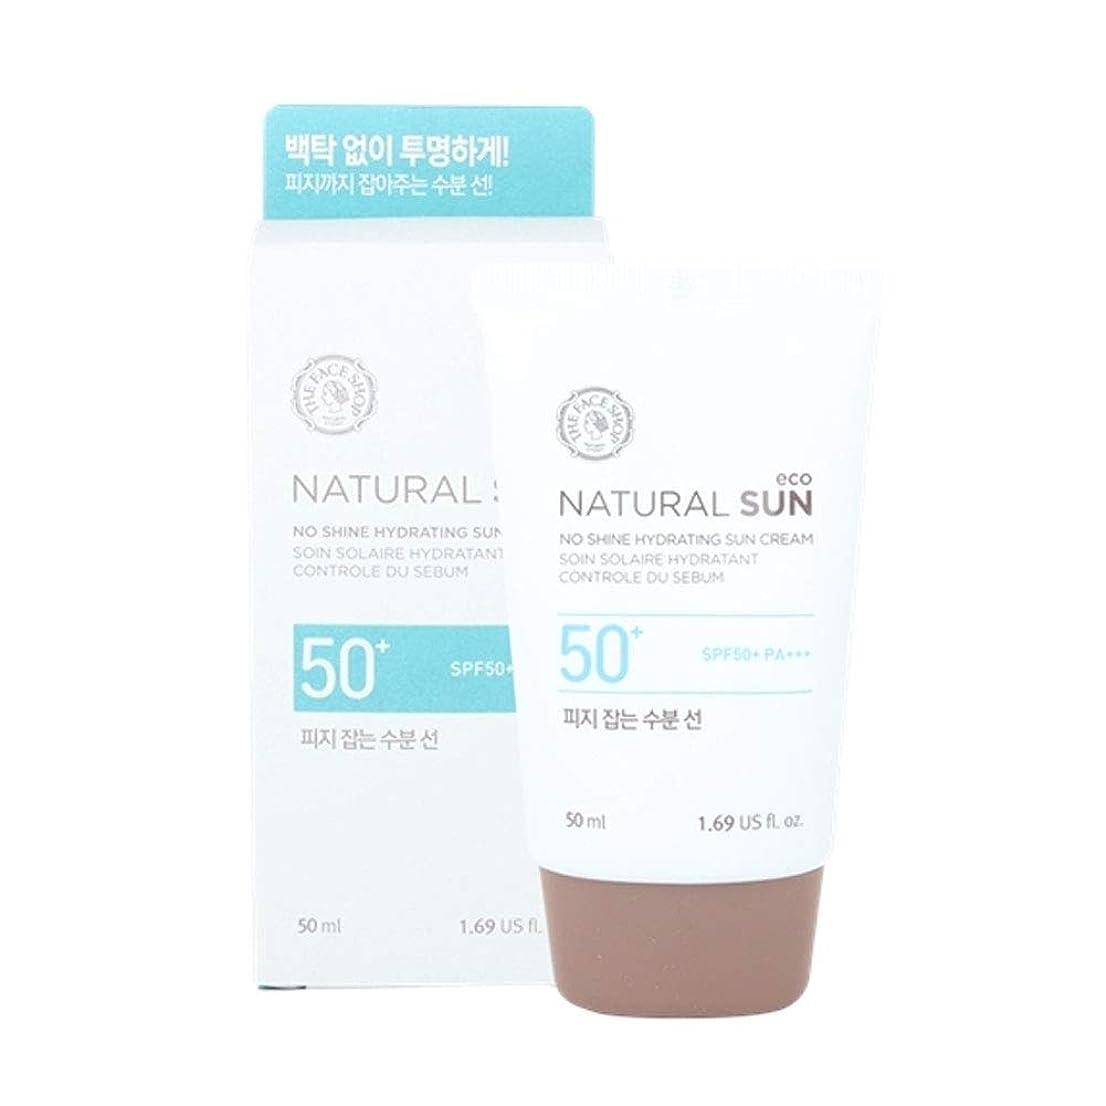 額十分な整然としたザ?フェイスショップネチュロルソンエコフィジーサン?クリームSPF50+PA+++50ml x 2本セット韓国コスメ、The Face Shop Natural Sun Eco No Shine Hydrating Sun Cream SPF50+ PA+++ 50ml x 2ea Set Korean Cosmetics [並行輸入品]